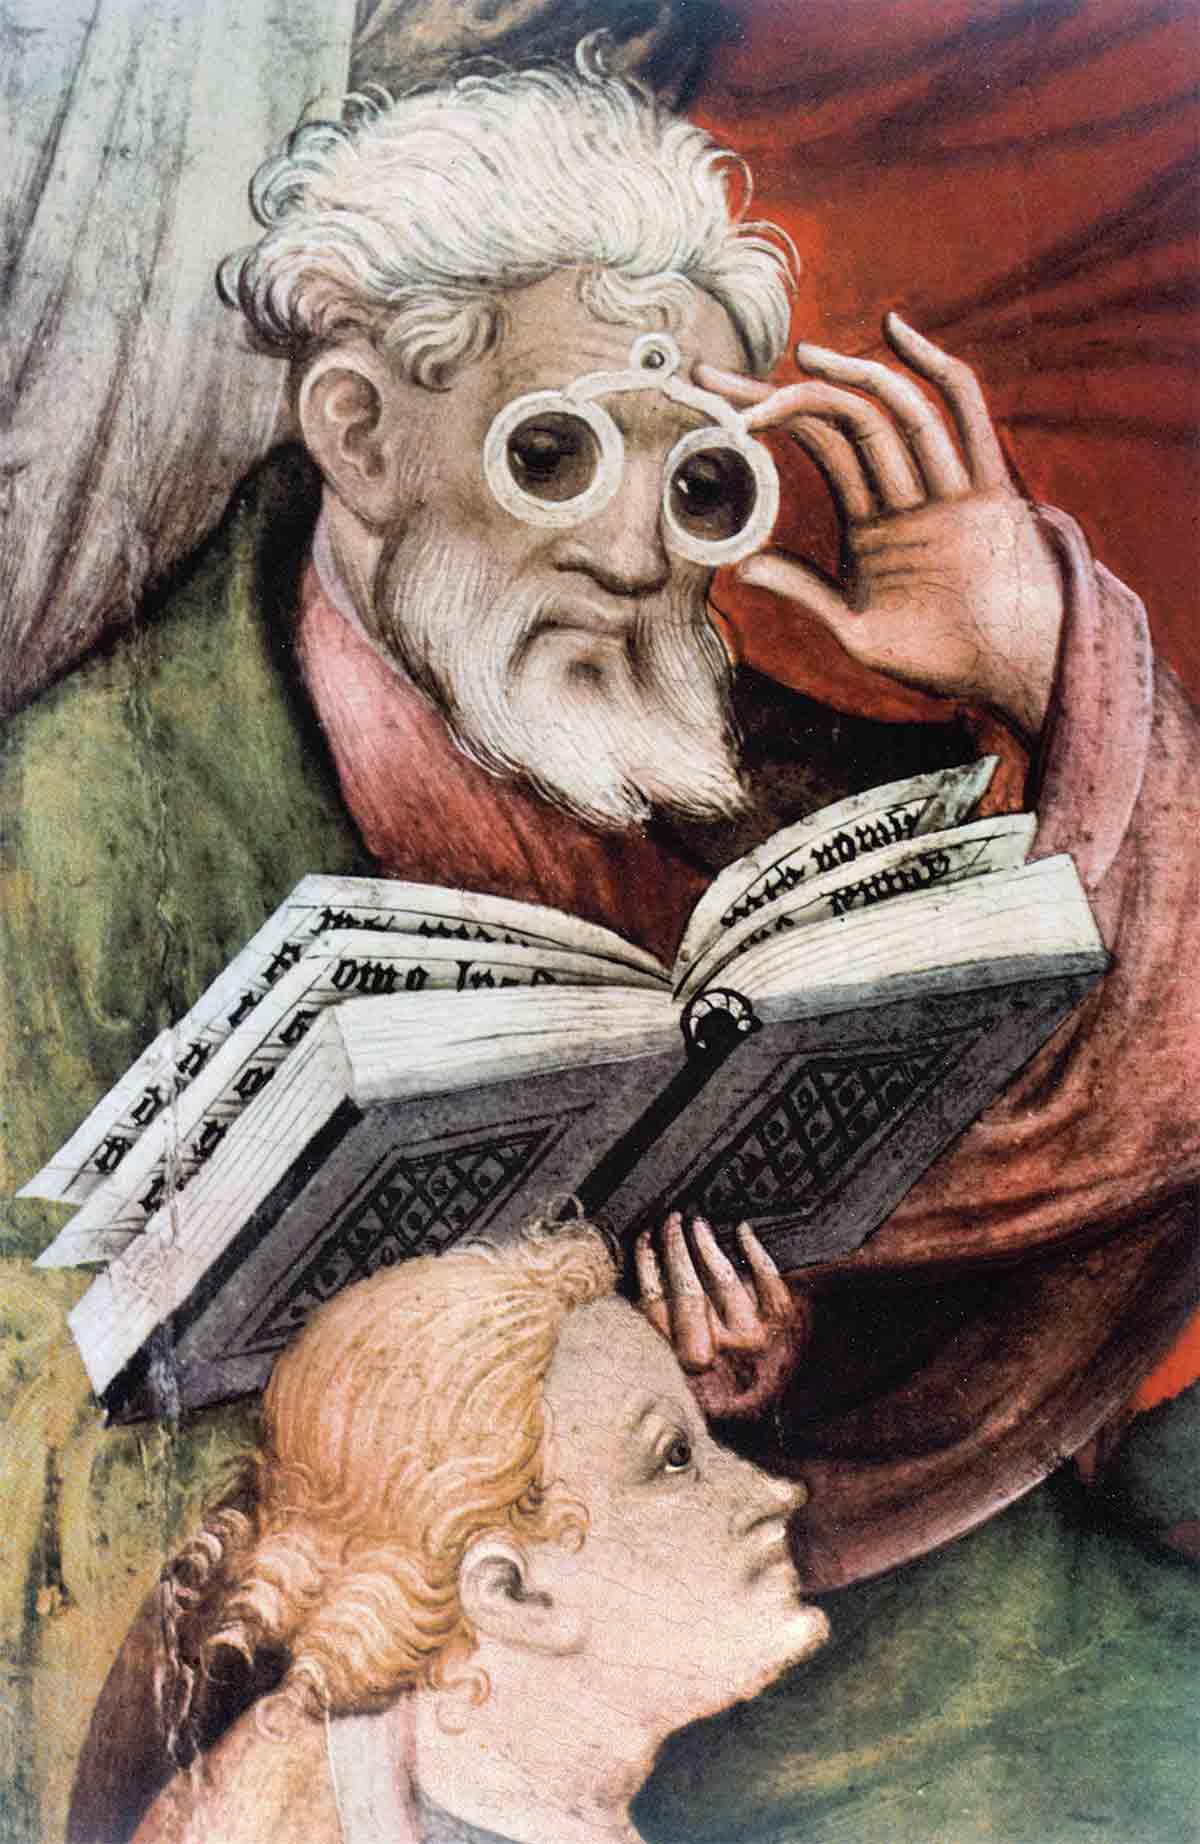 c28307775b Un invento revolucionario en la Edad Media: las gafas